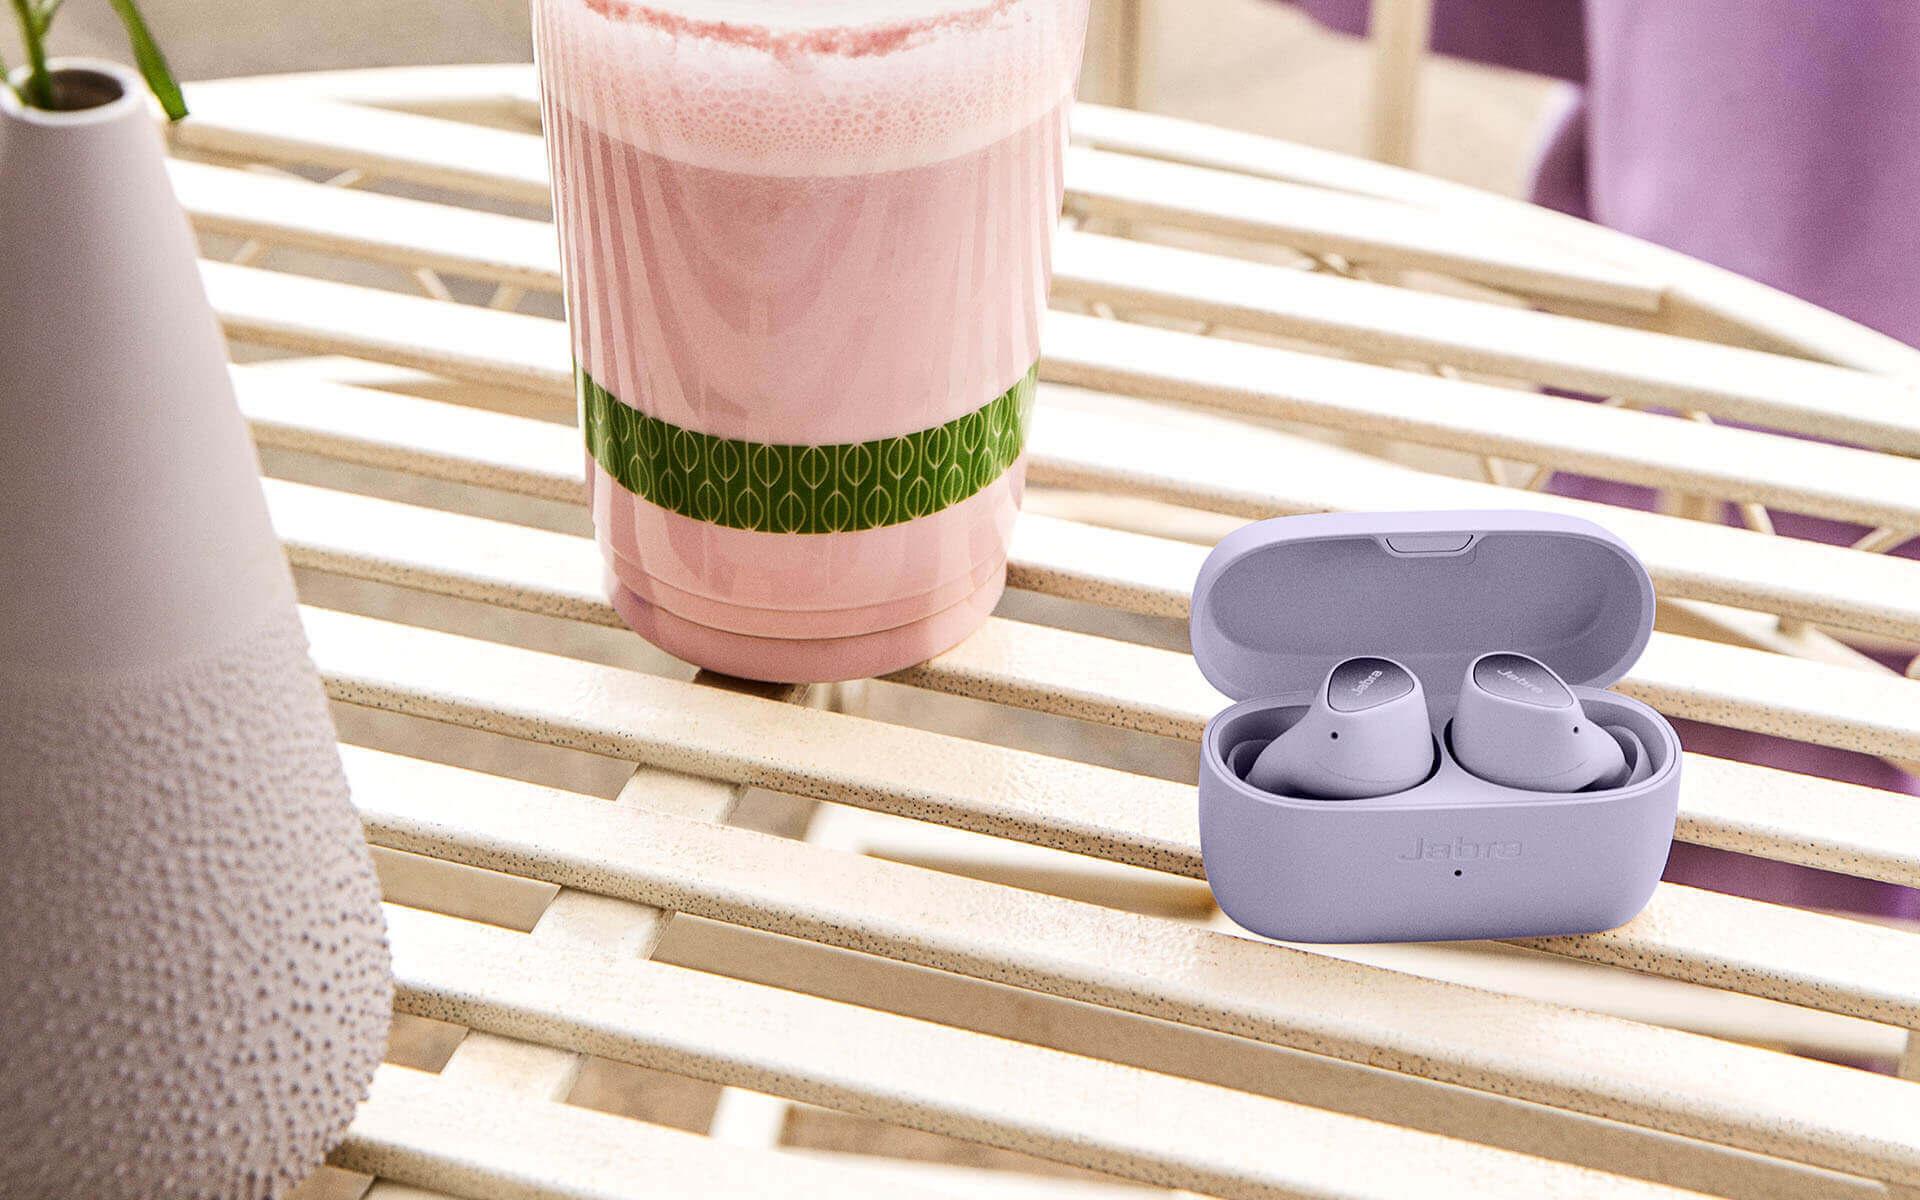 Jabra Elite 3 kinezet A Jabra négy új termék bevezetését jelentette be az új Elite valódi vezeték nélküli termékcsalád frissítésével.